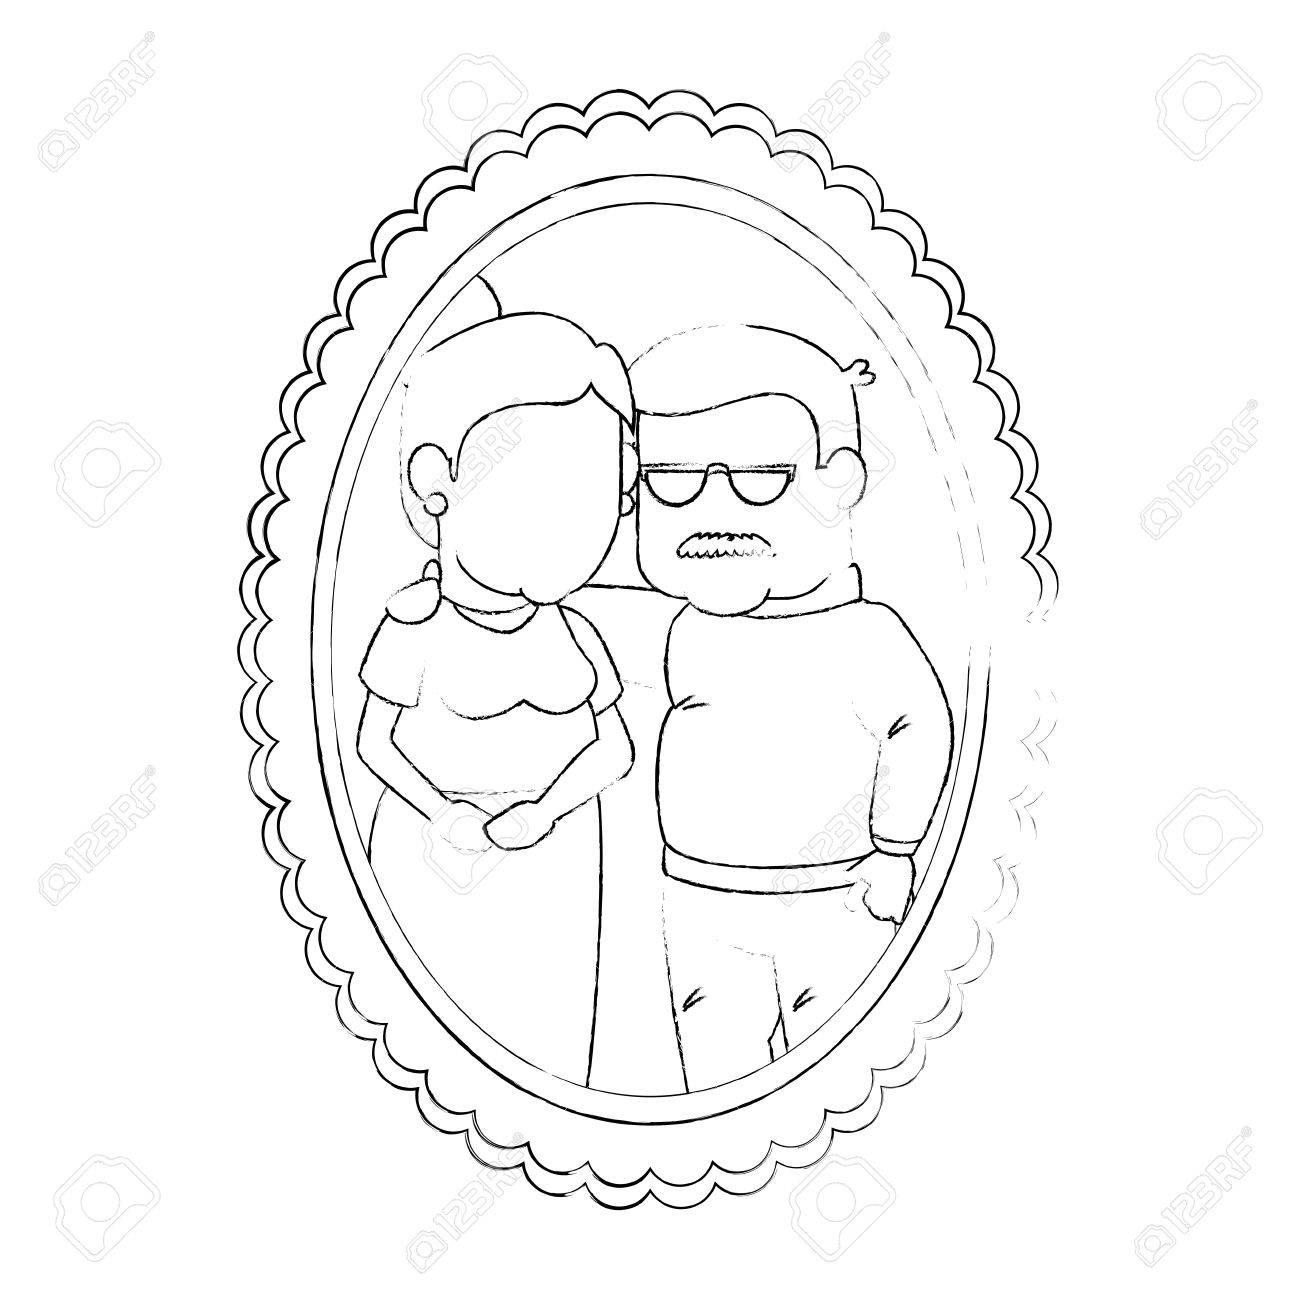 Marco Con Dibujos Animados Pareja De Abuelos Icono De Imagen Sobre ...